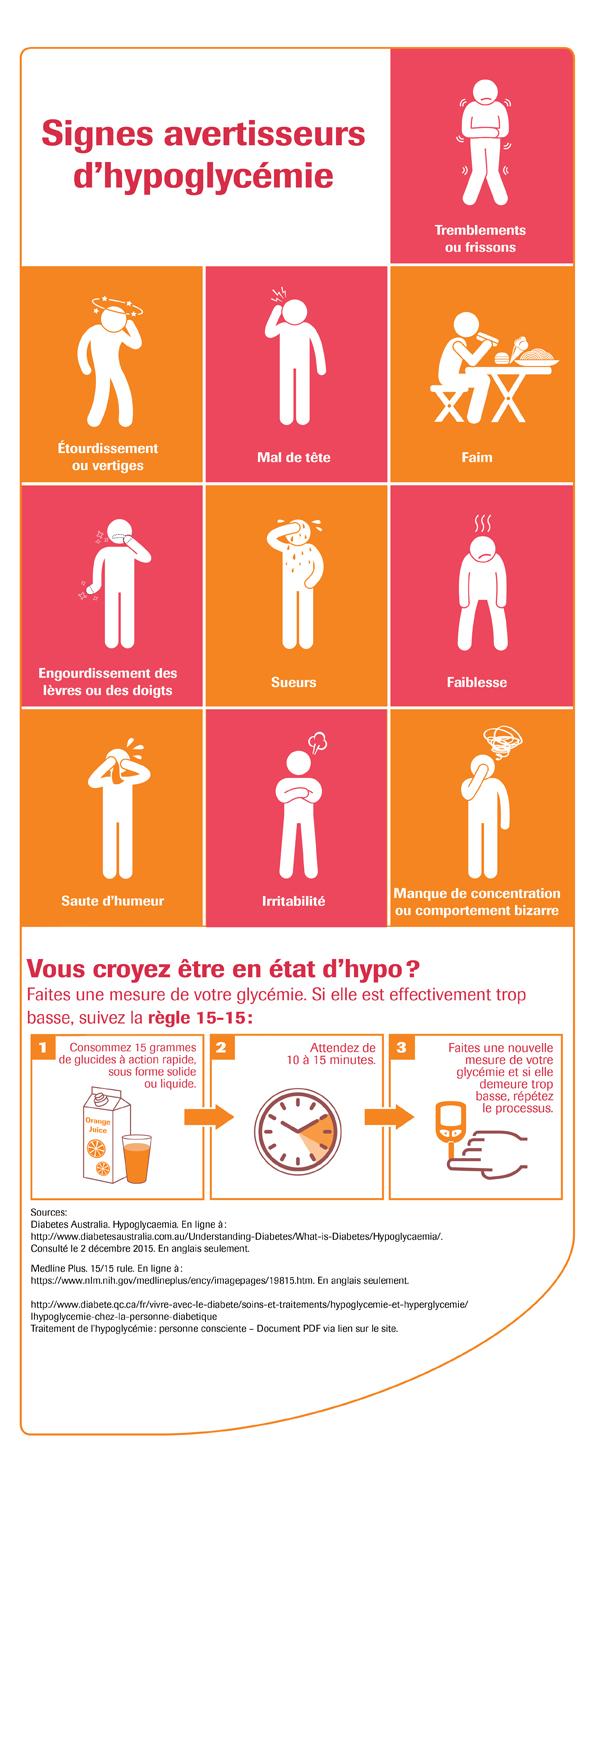 Infographie montrant les signes d'hypoglycémie.